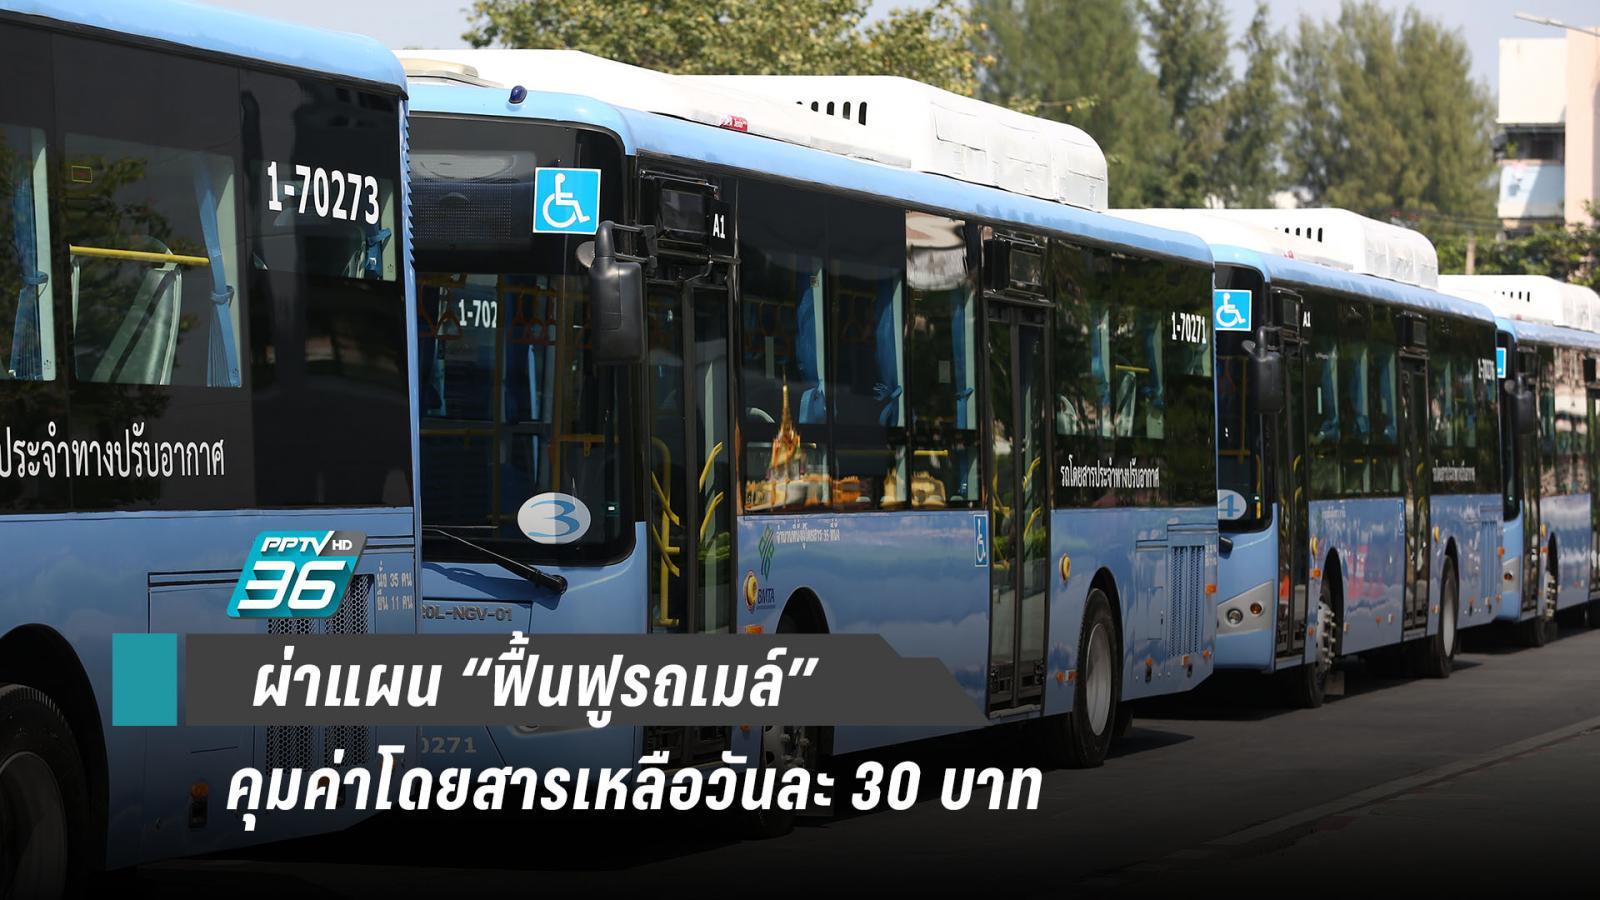 ขสมก.ปรับปรุงแผนฟื้นฟูรถเมล์ ทั้งกำหนดกรอบค่าโดยสาร ยกเลิกซื้อรถ